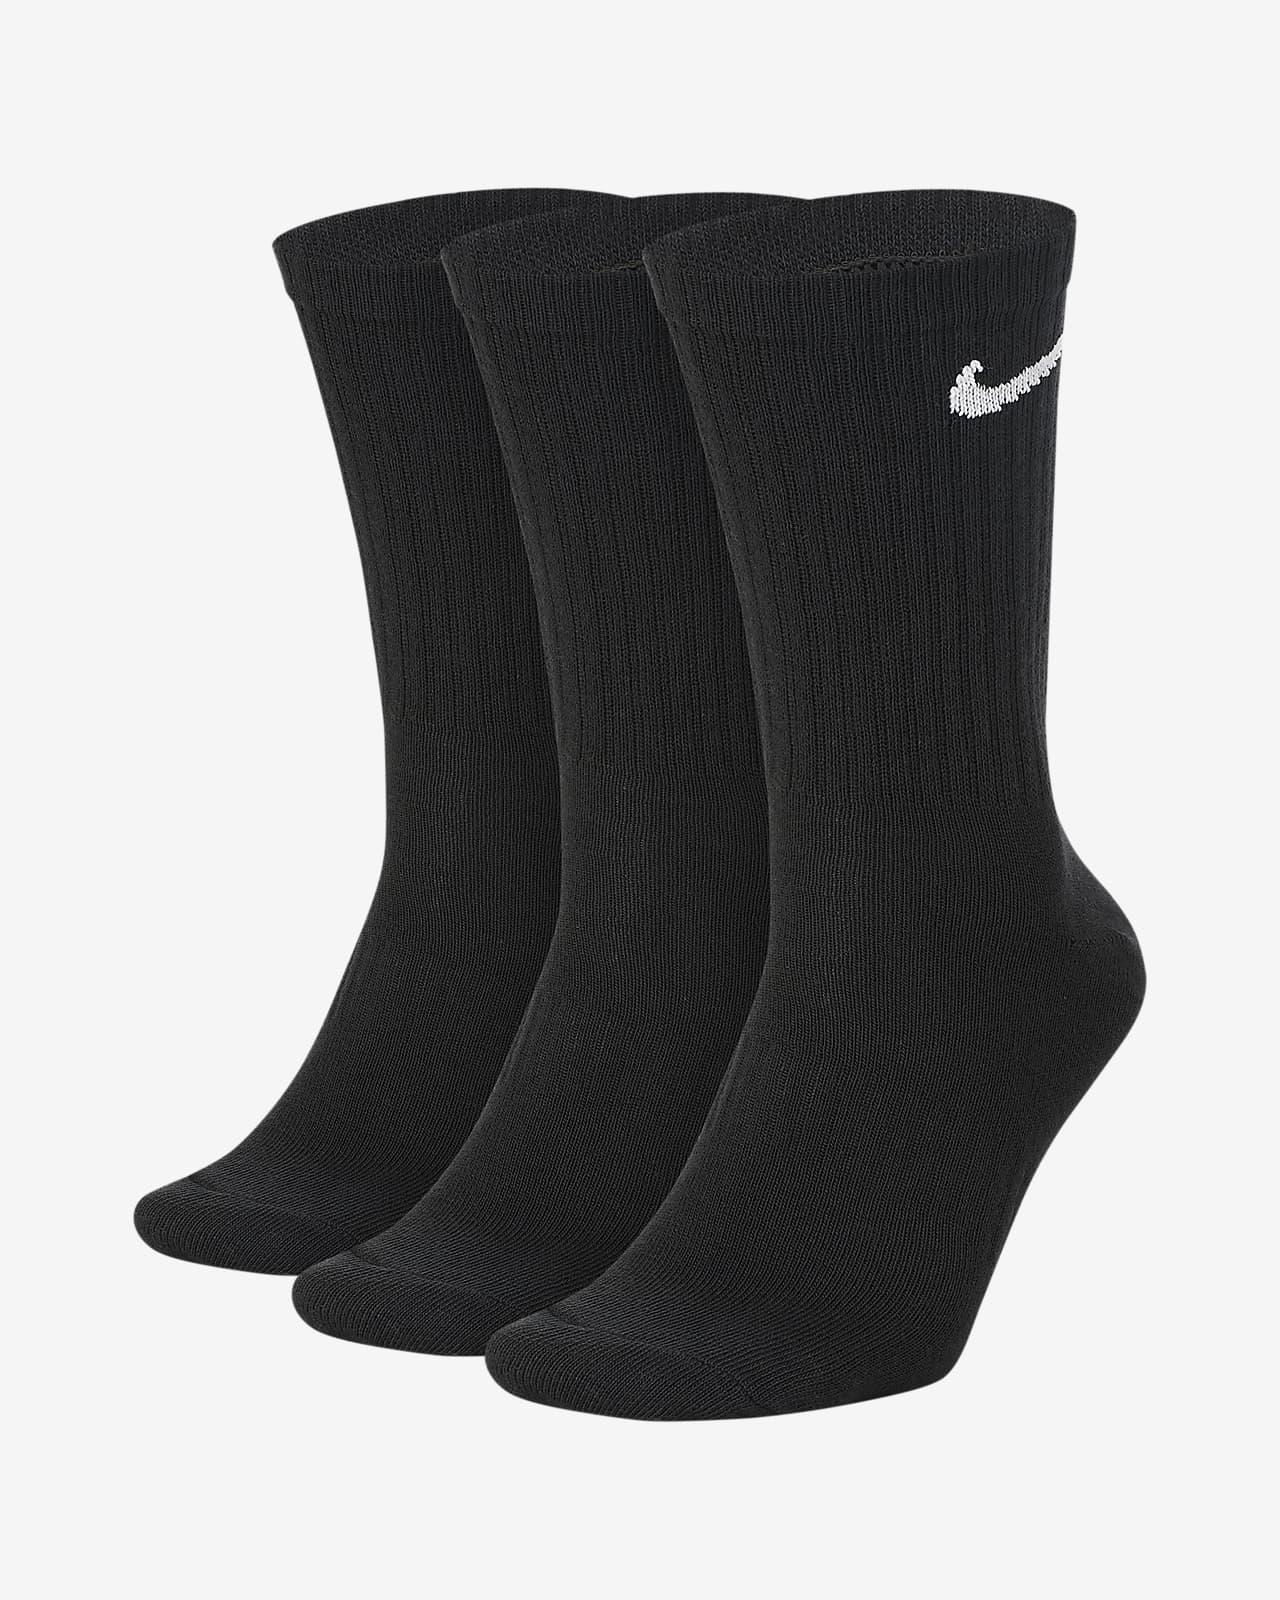 Nike Everyday Lightweight Crew Antrenman Çorapları (3 Çift)